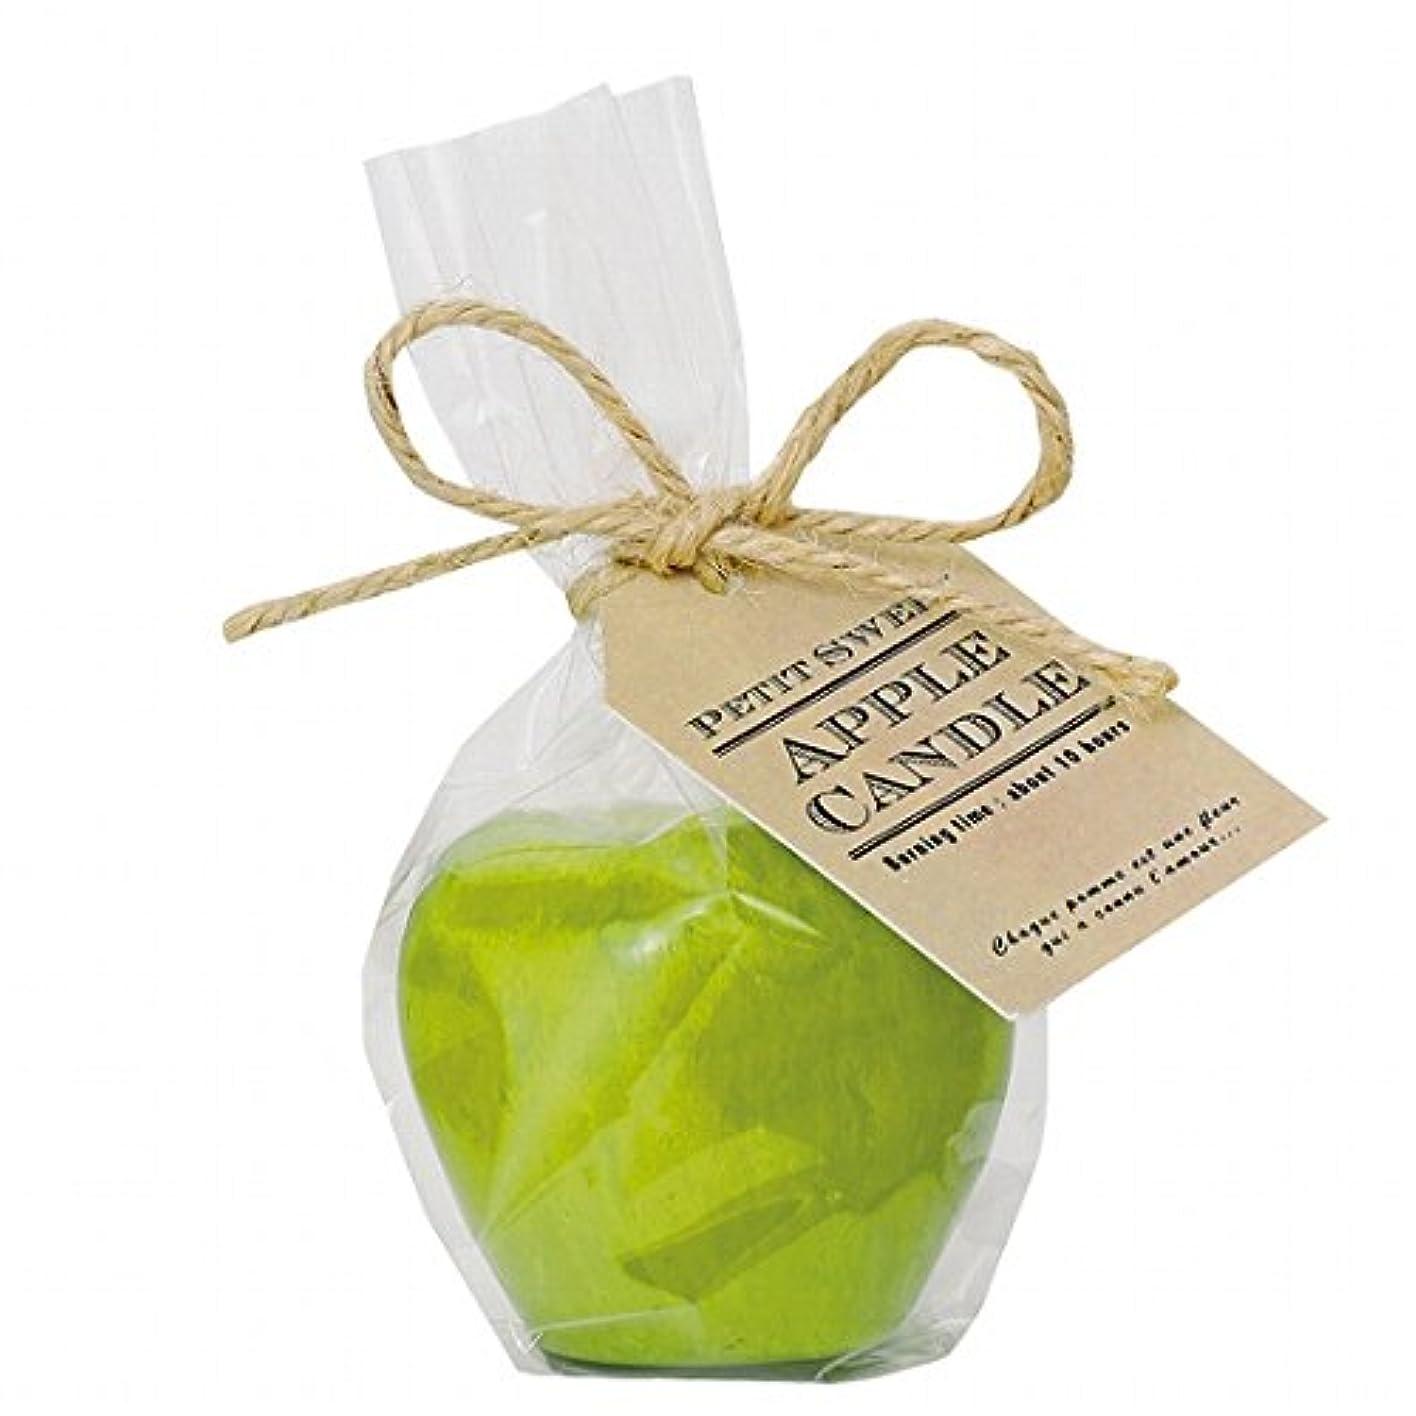 代数つかの間拮抗kameyama candle(カメヤマキャンドル) プチスイートアップルキャンドル 「 グリーン 」(A4630510G)